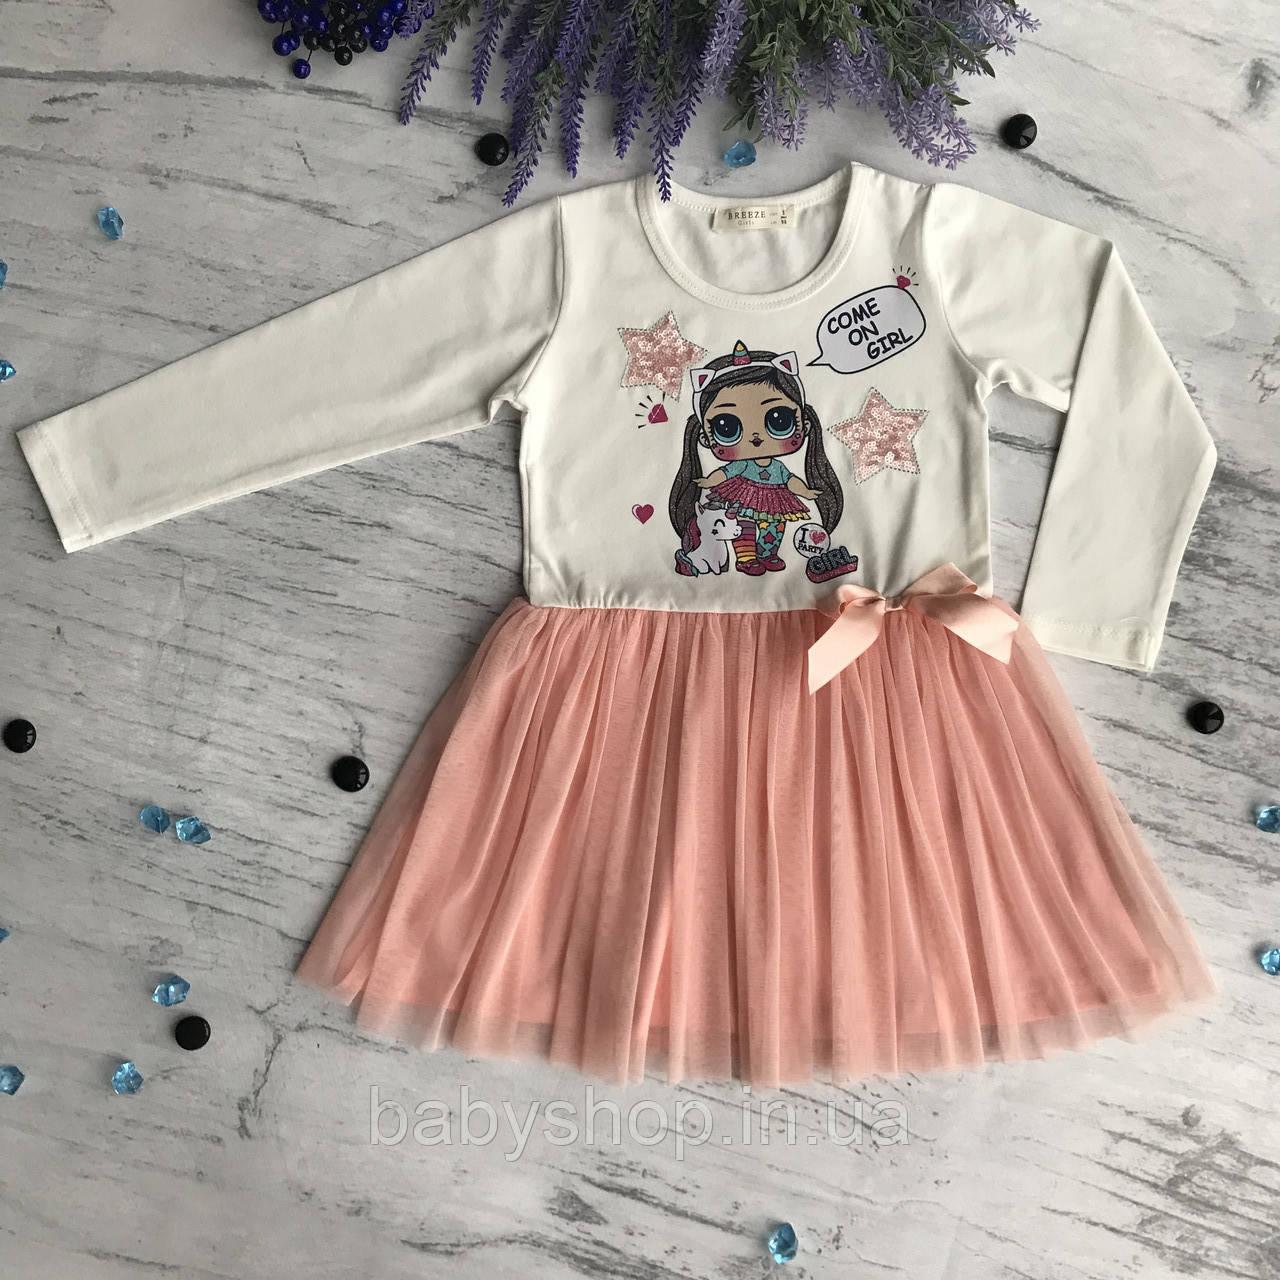 Платье на девочку Breeze Лол 15. Размеры  104 см, 110 см